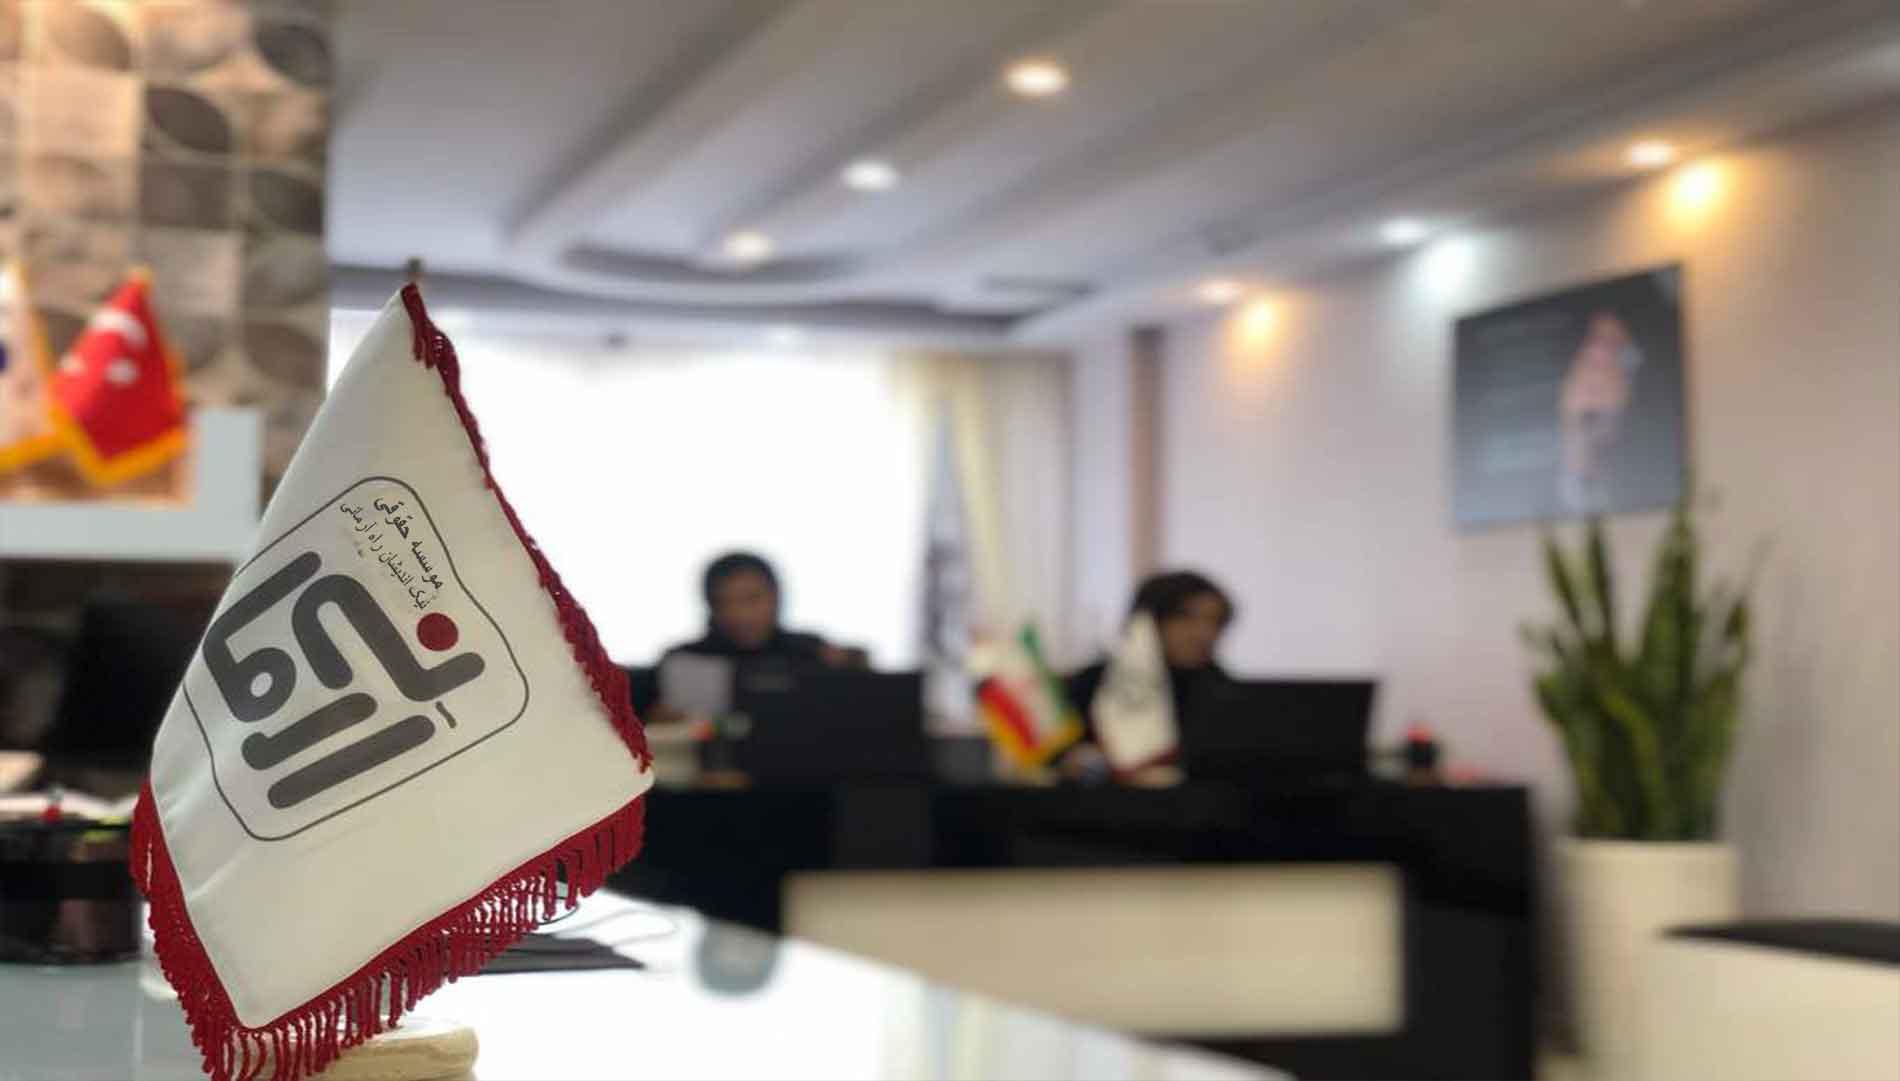 ثبت شرکت در ایران و اروپا – ثبت برند – اخذ کارت بازرگانی